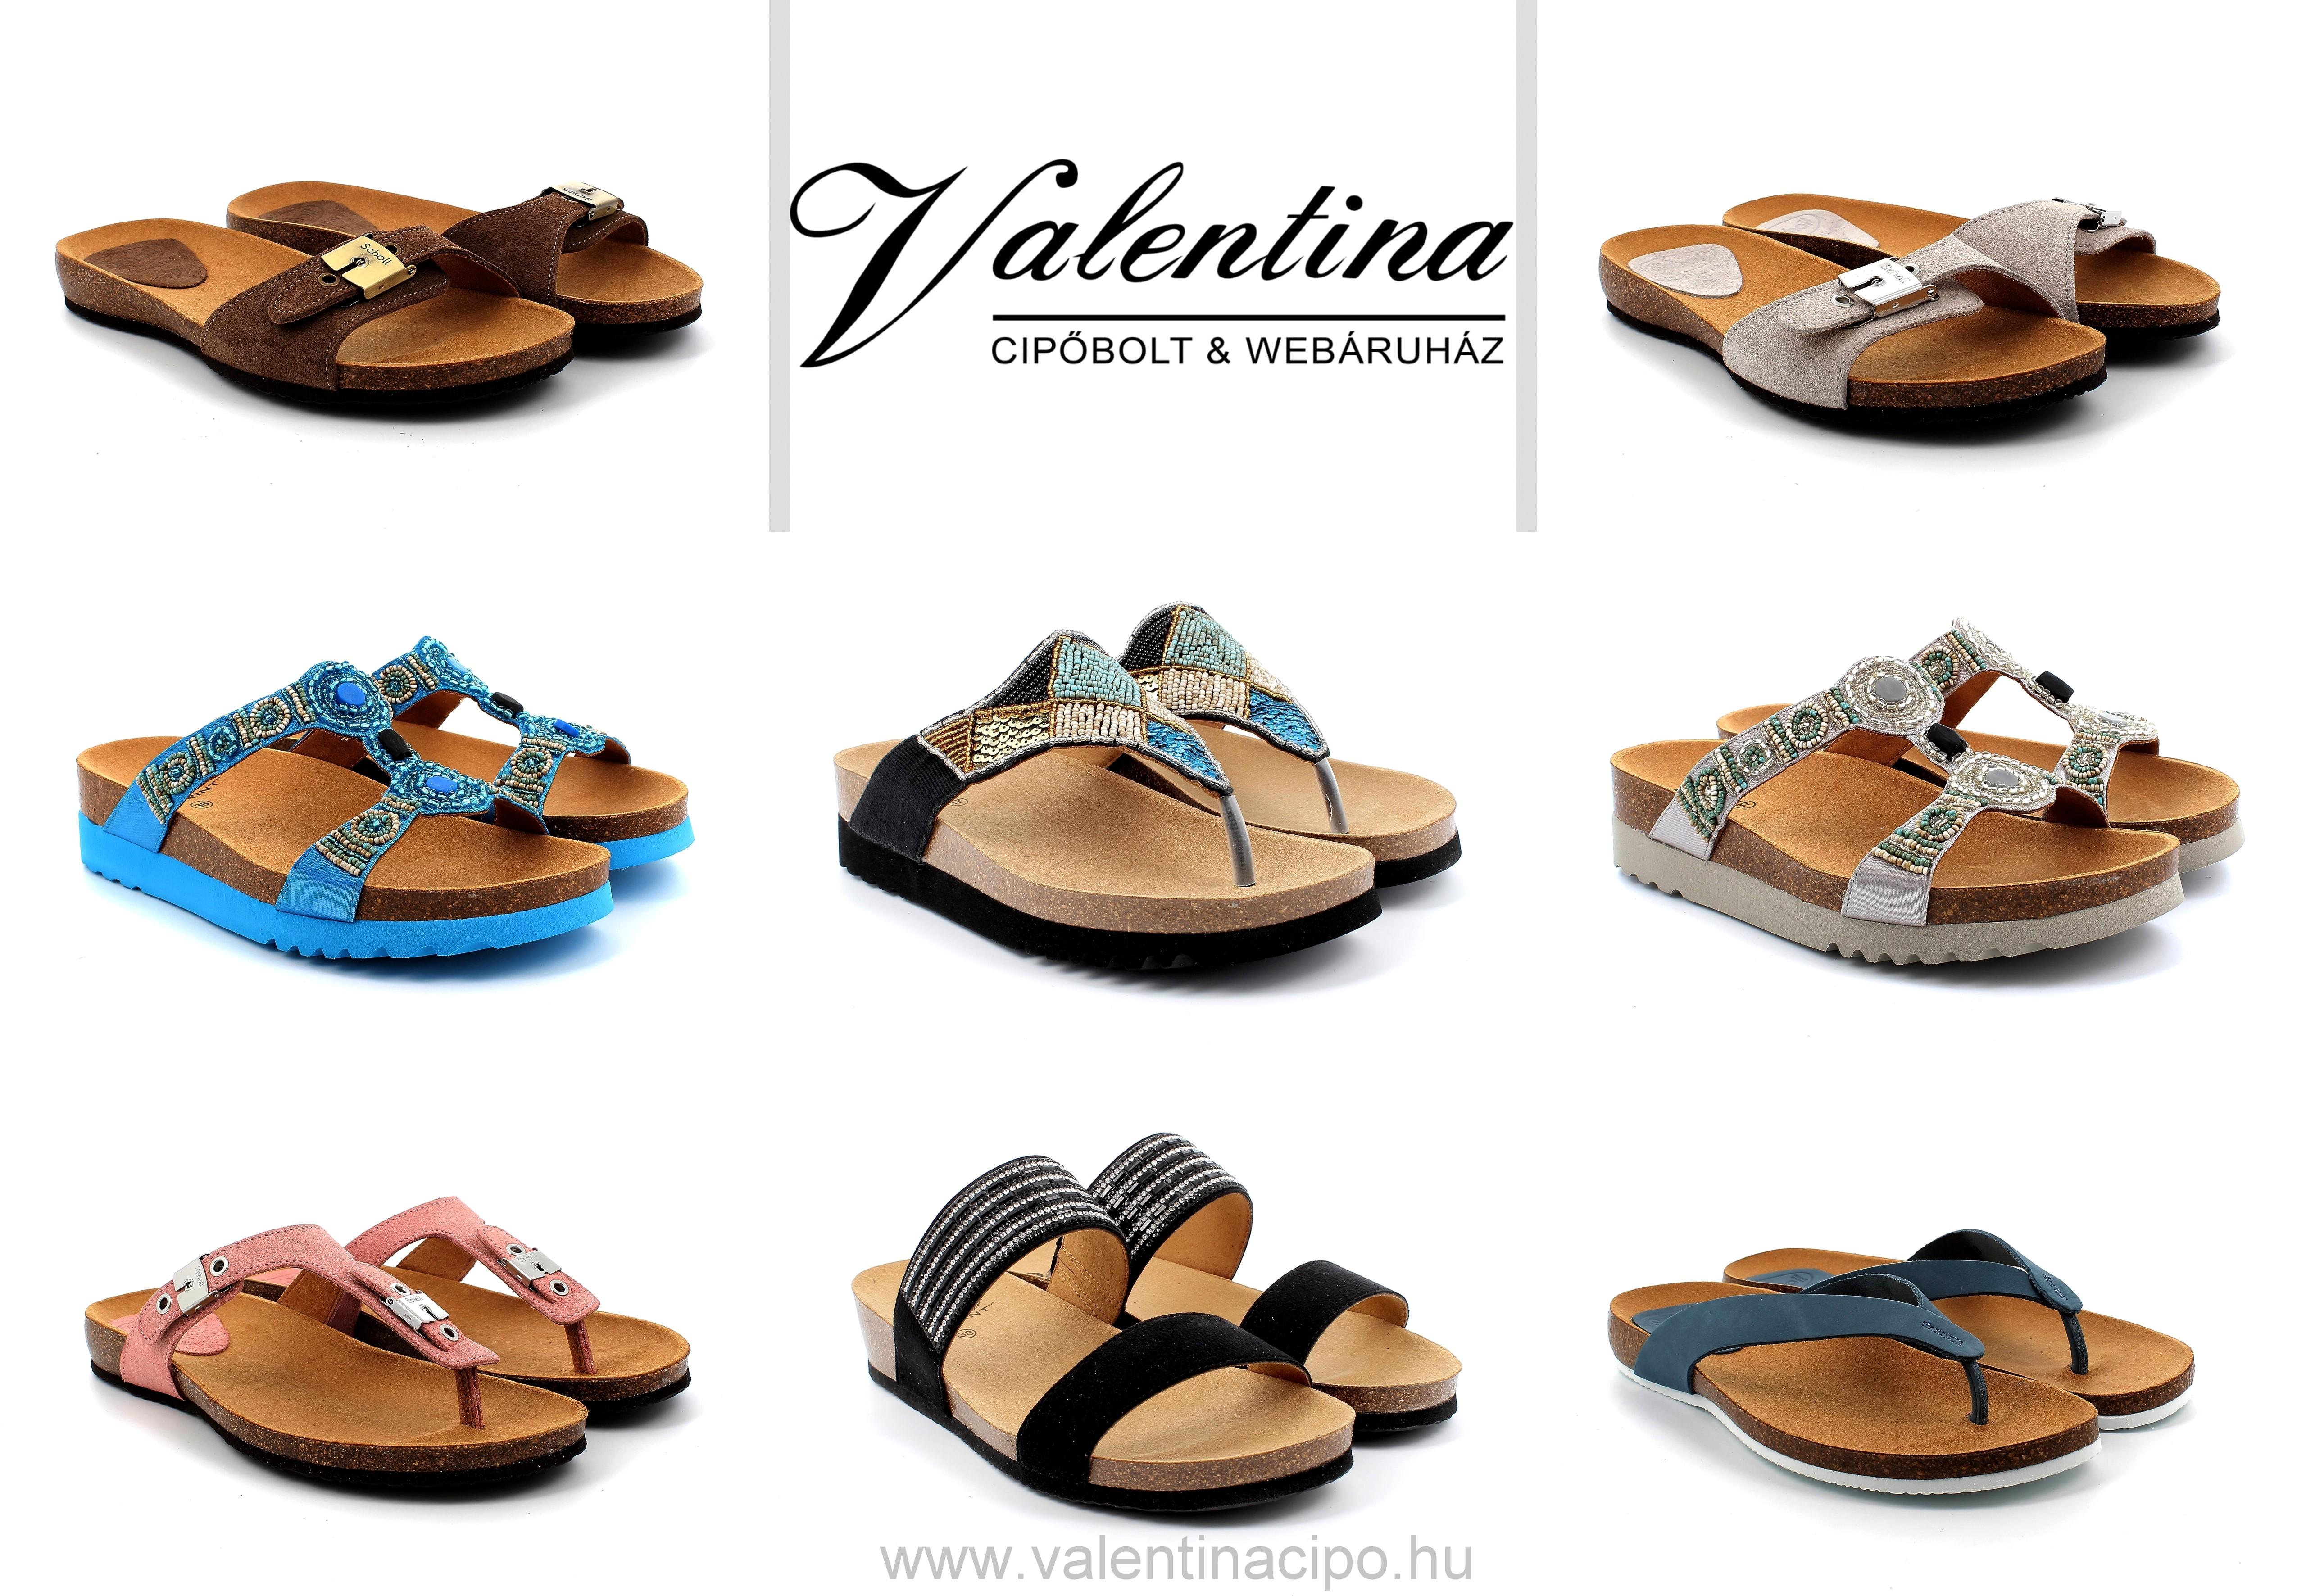 Pin by Valentina Cipőboltok on Remonte őszi cipők a